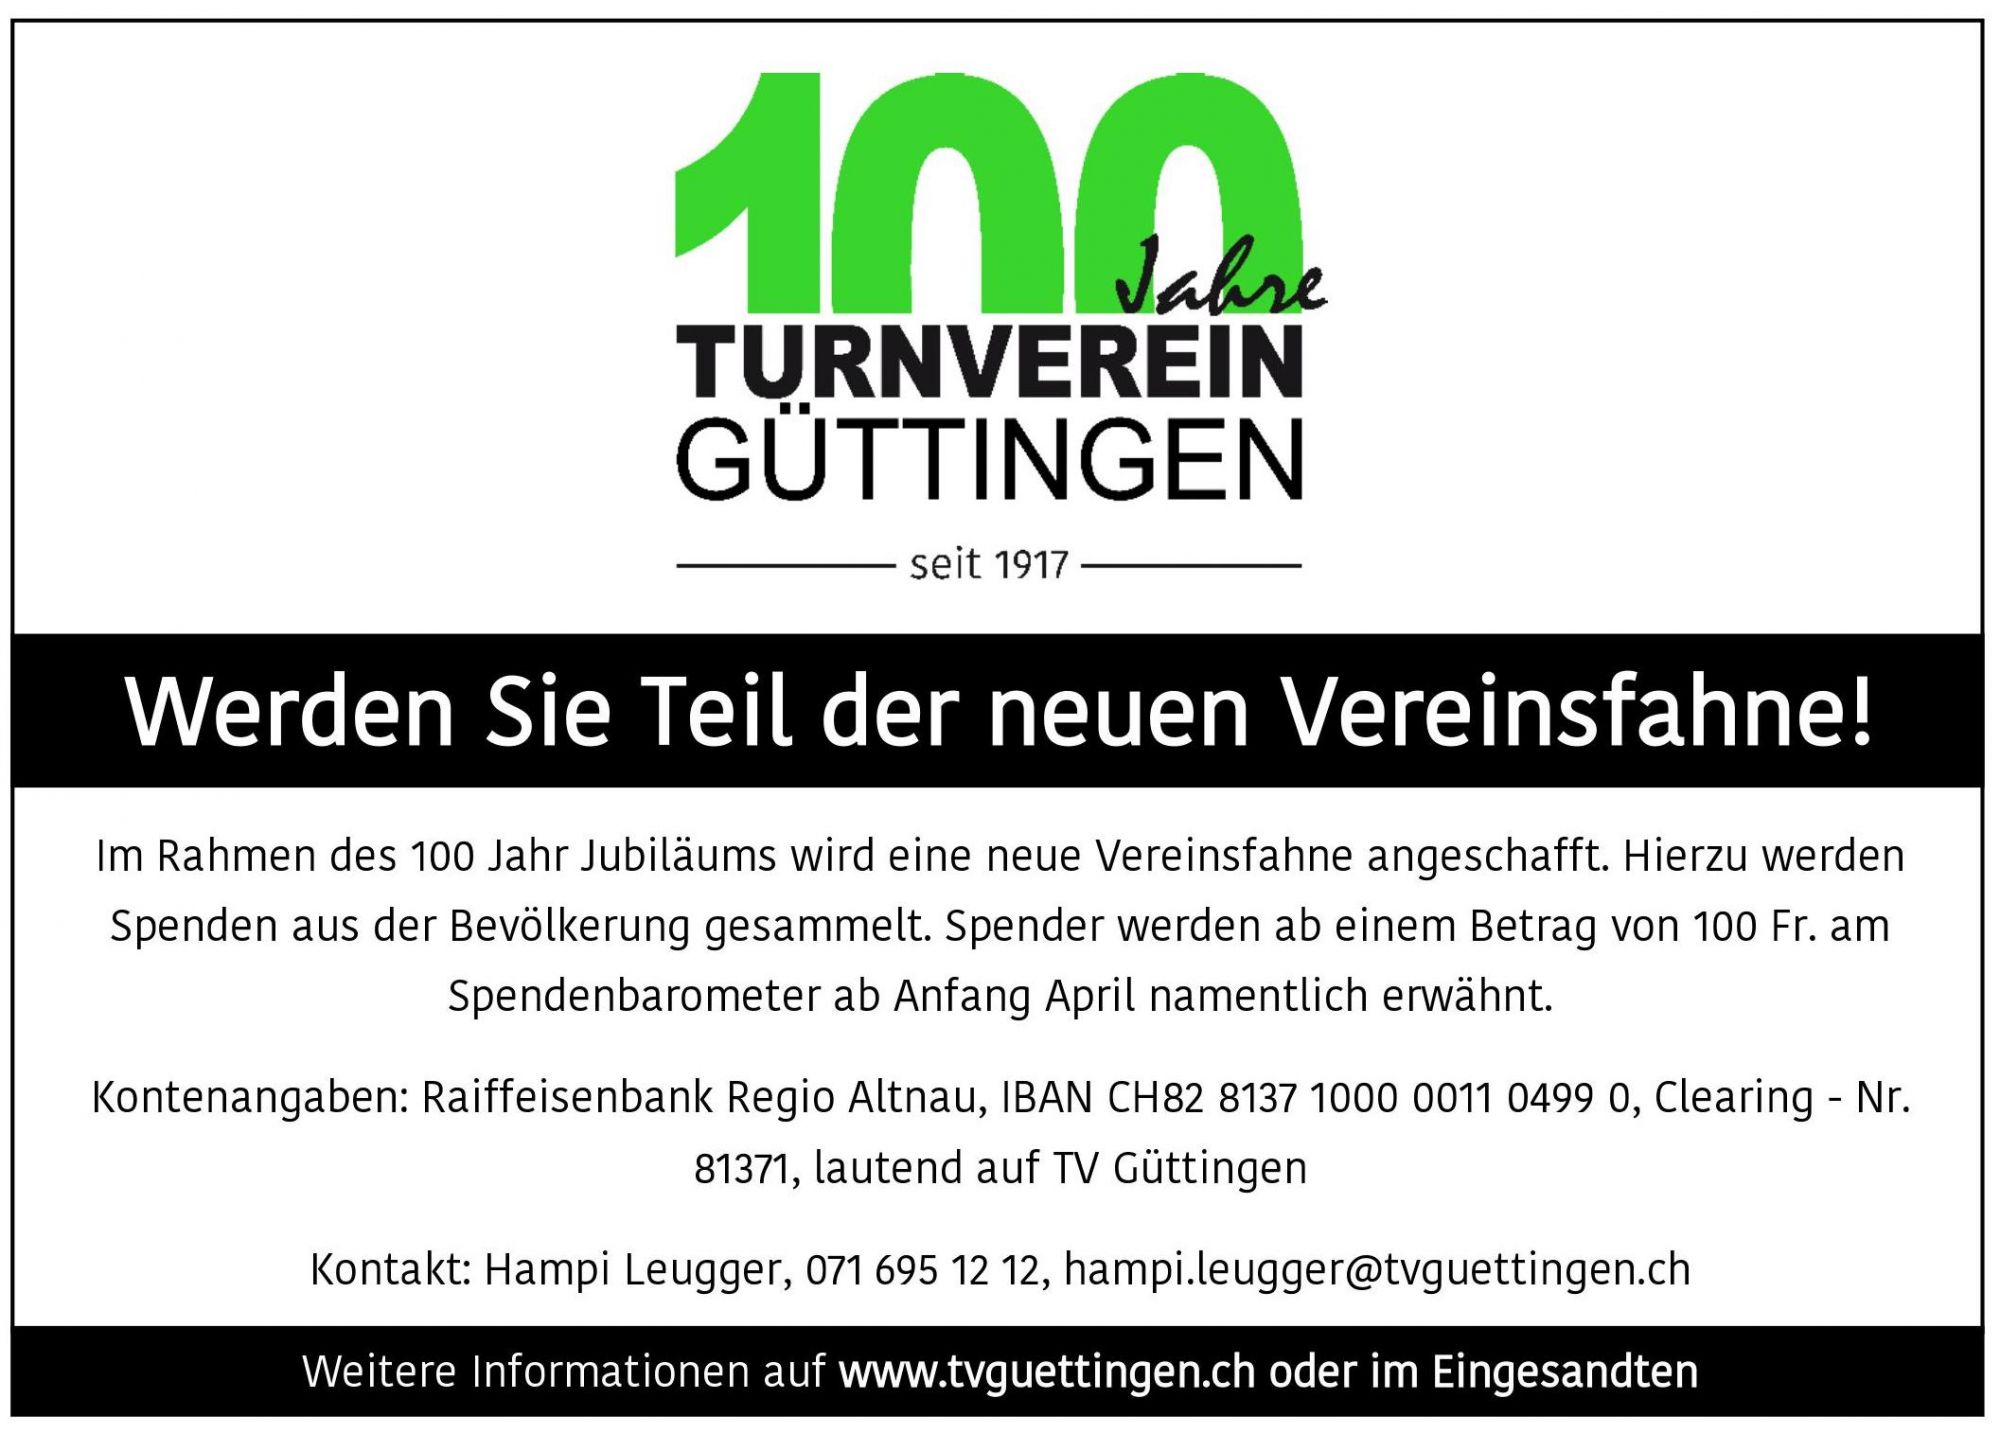 Neue Vereinsfahne Für Den Turnverein Tv Güttingen